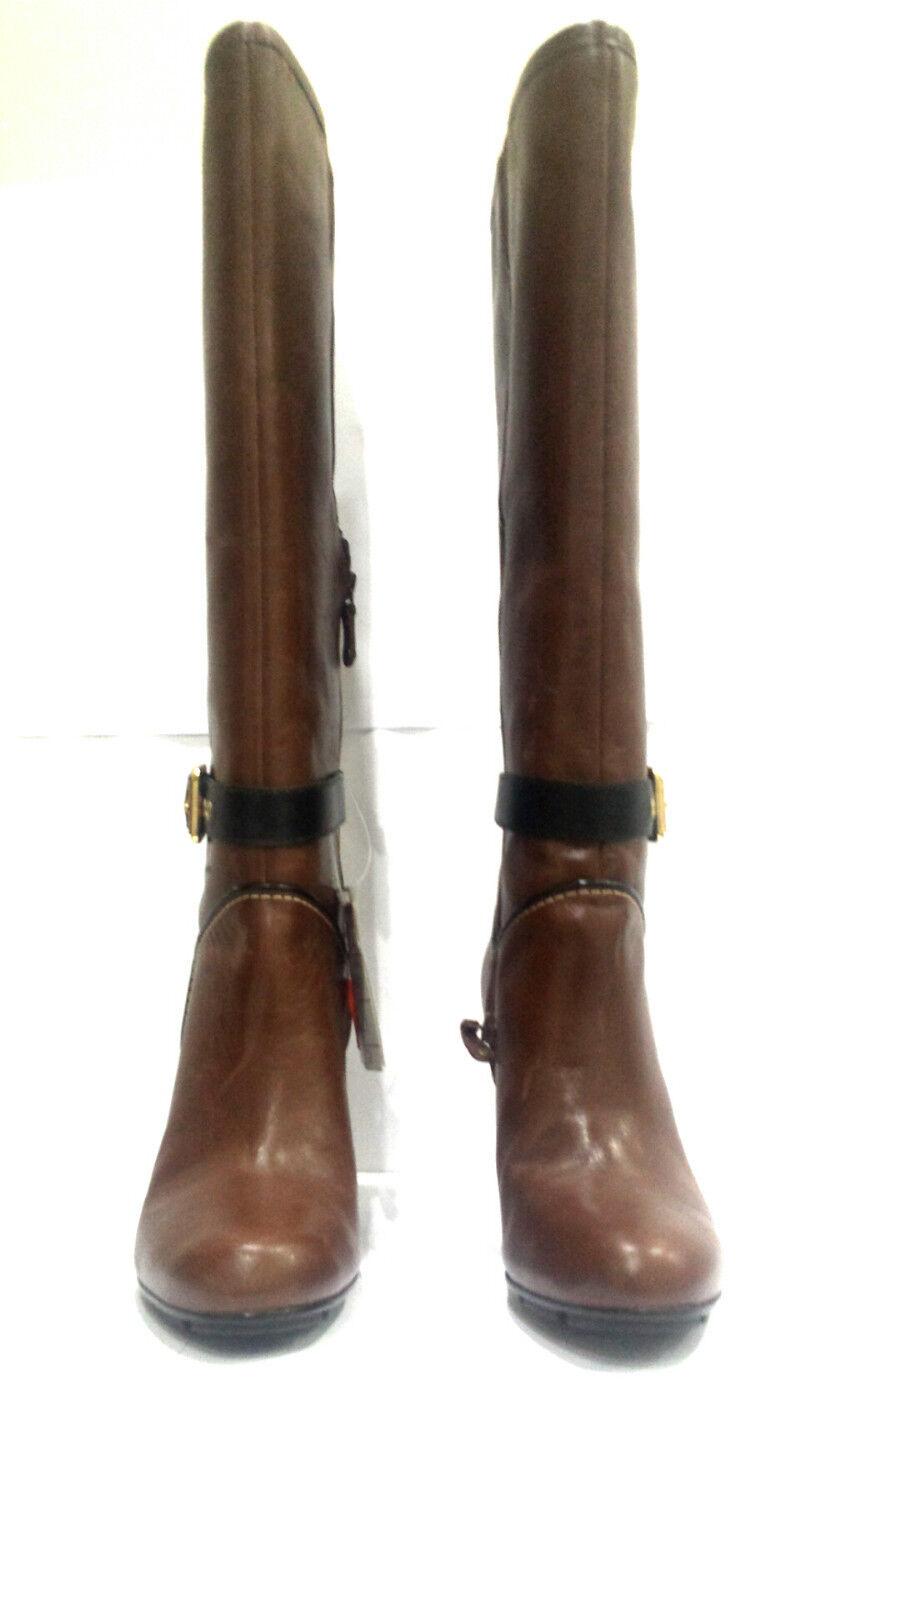 Rockport-Jalicia Buckle Tall / Boot-taglia 7 - 20.000 + F / Tall BACK! bb183 8347c8